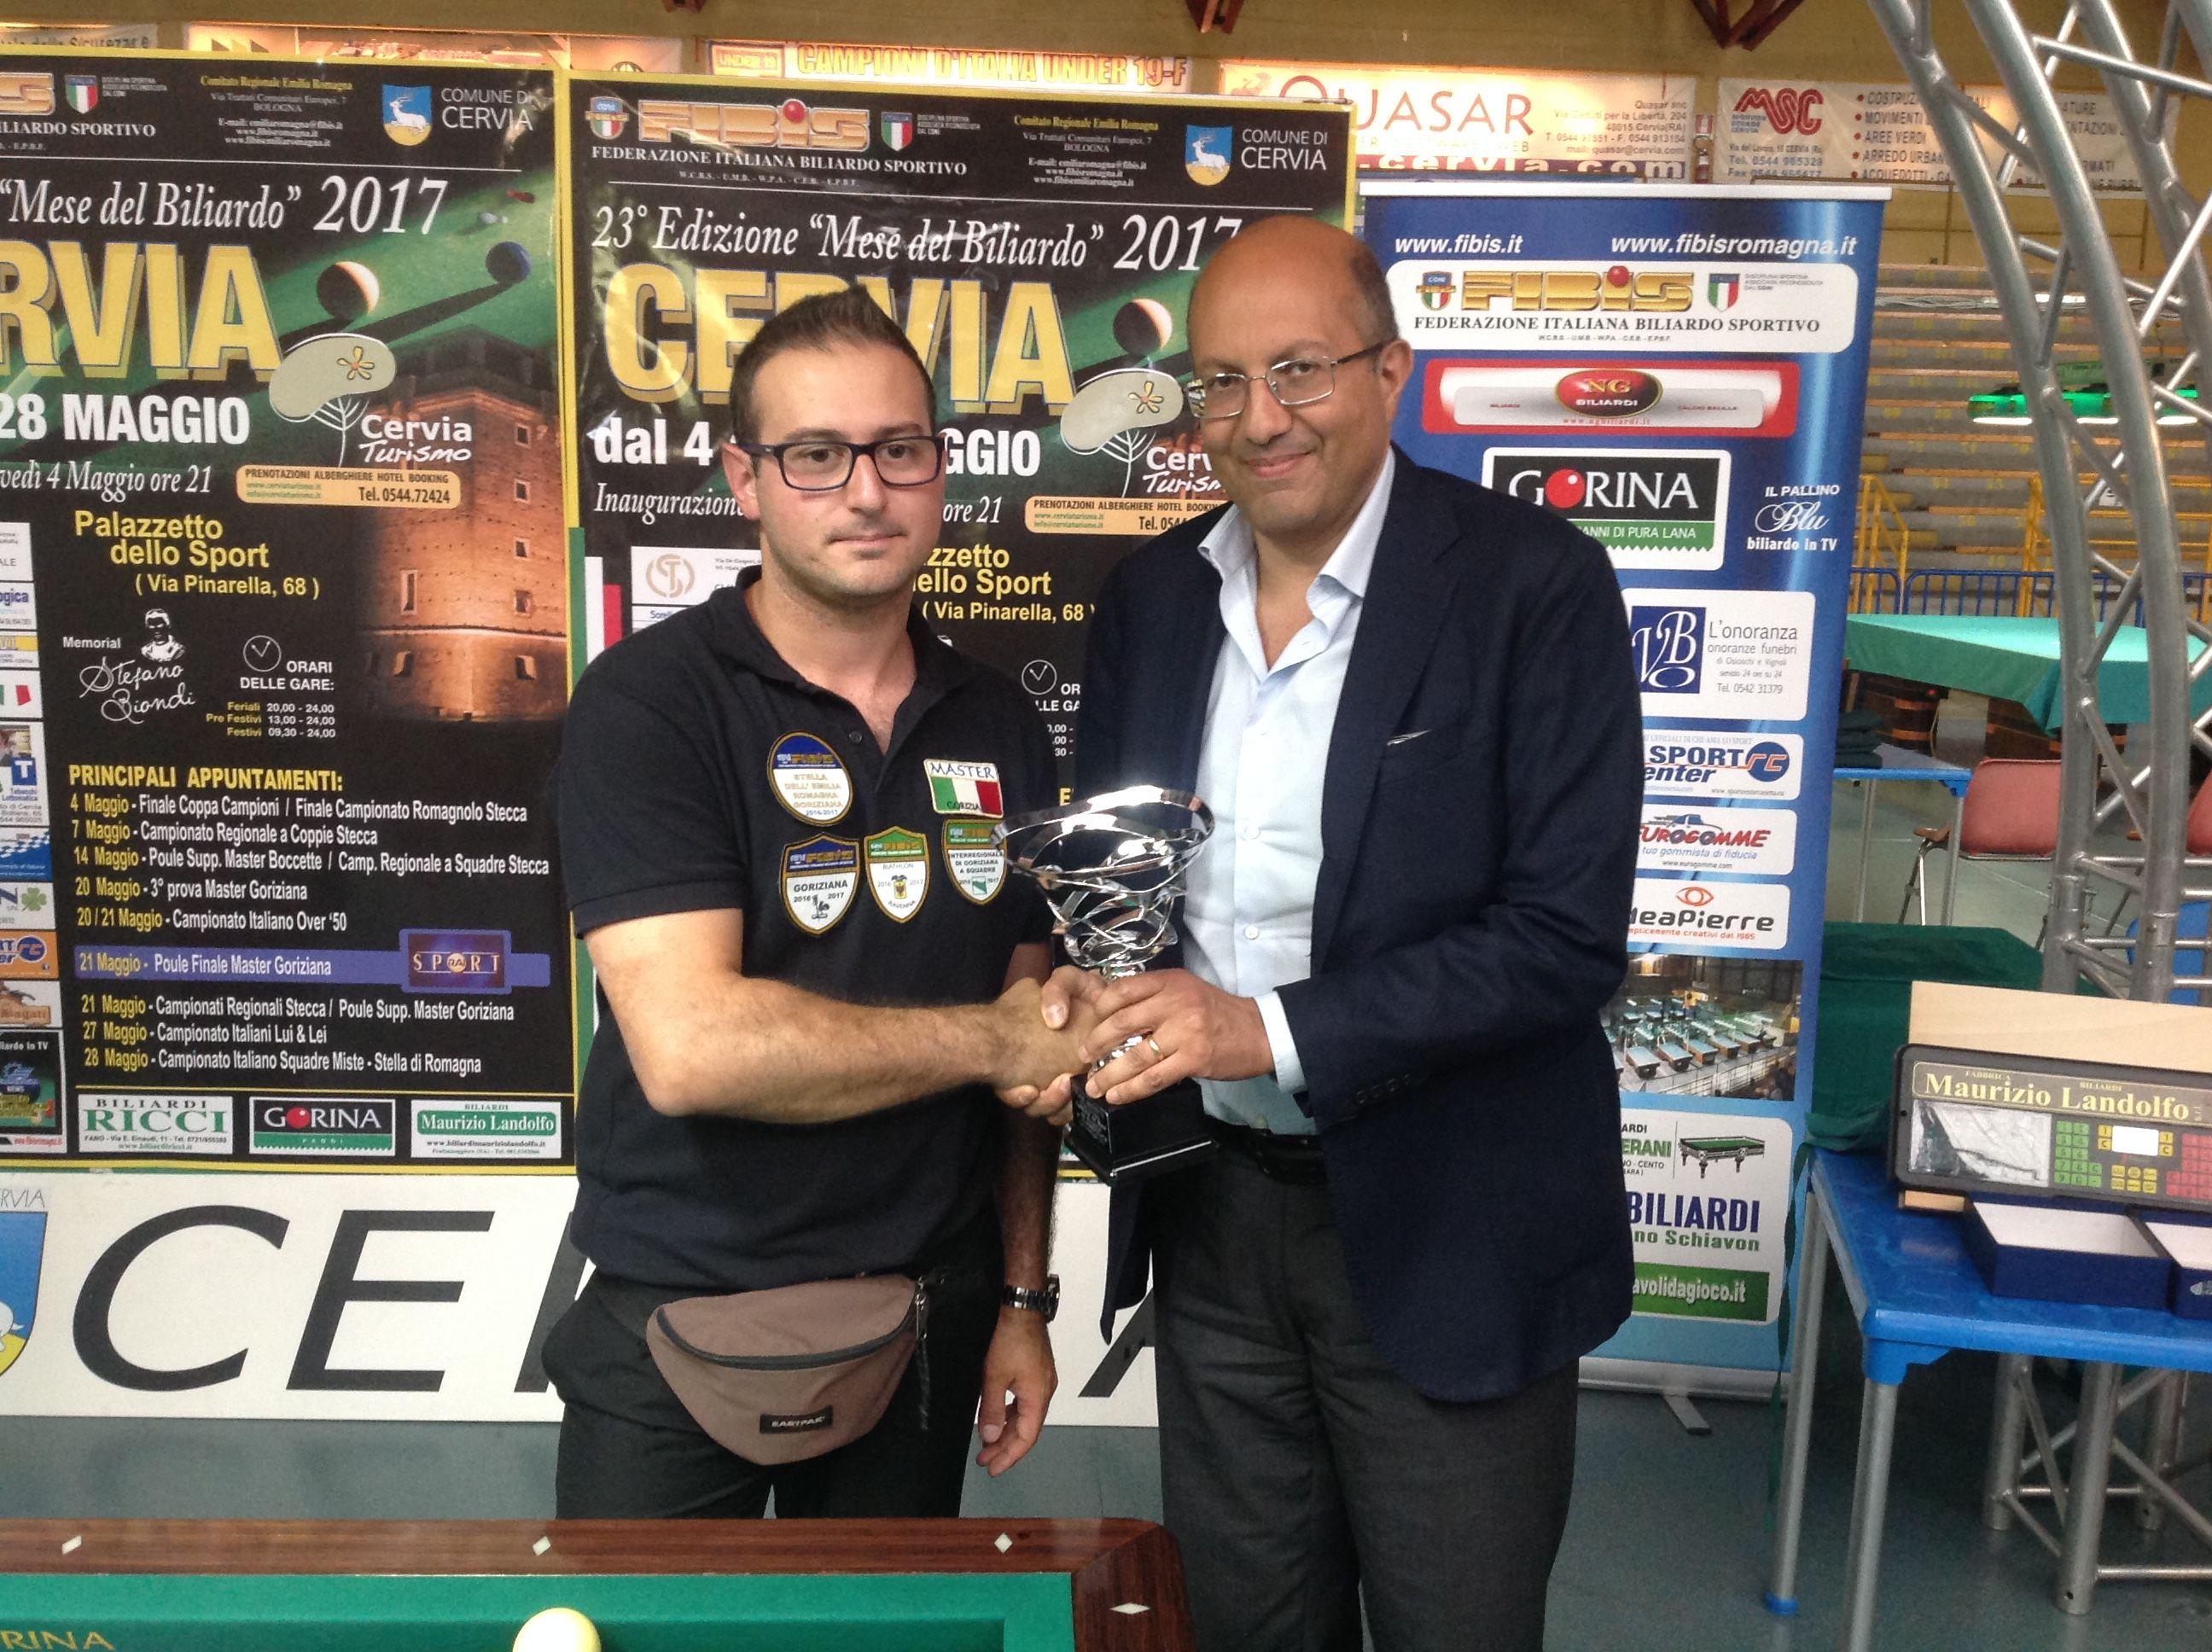 2° Classificato Camprincoli Stefano con il Presidente Nazionale Andrea Mancino